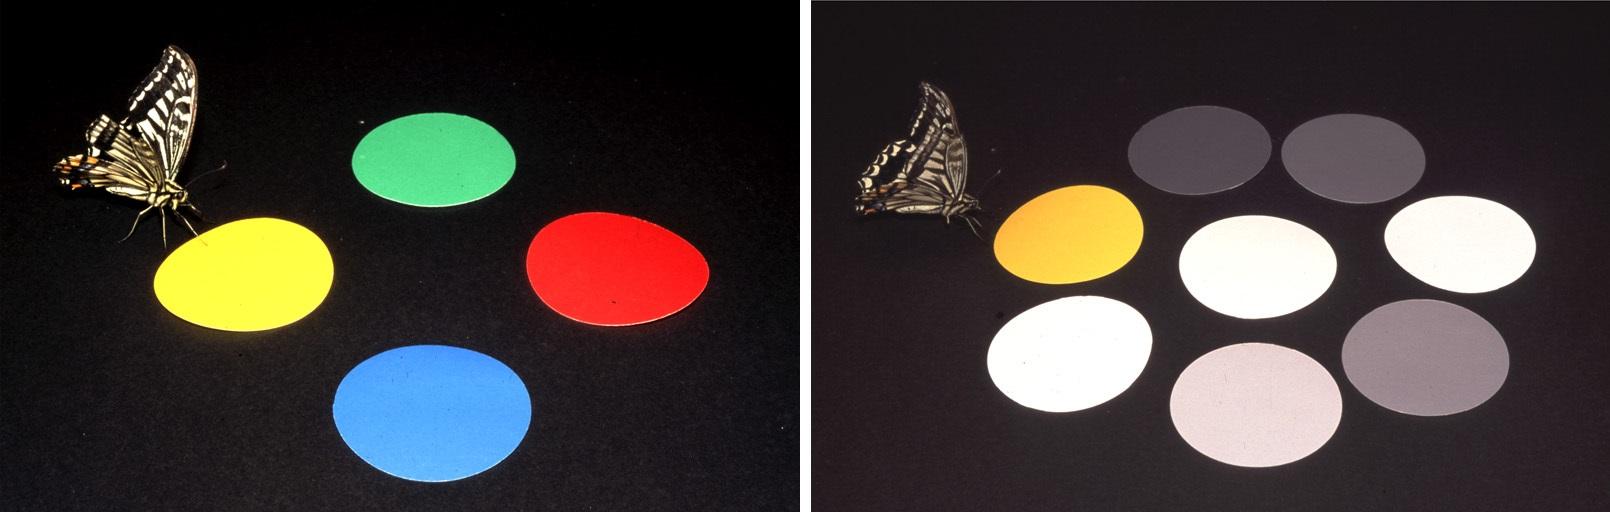 butterfly_behavior1.jpg